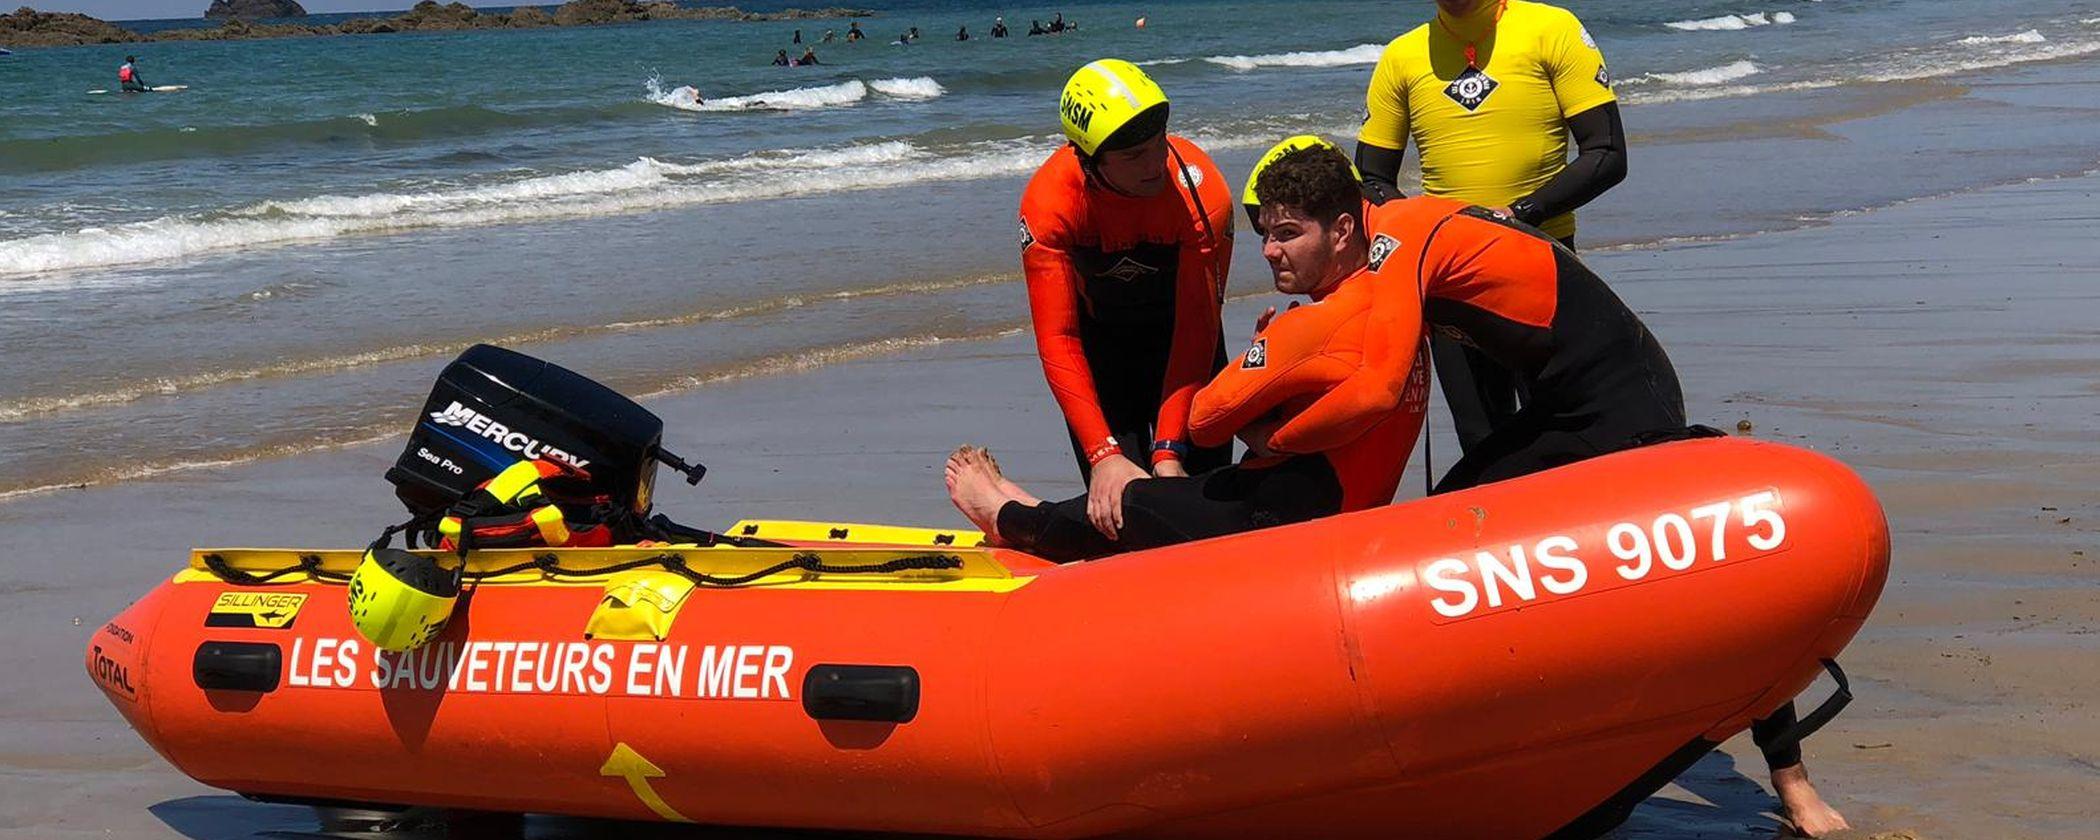 SNSM centre formation ille et vilaine Saint-Malo sauvetage en mer